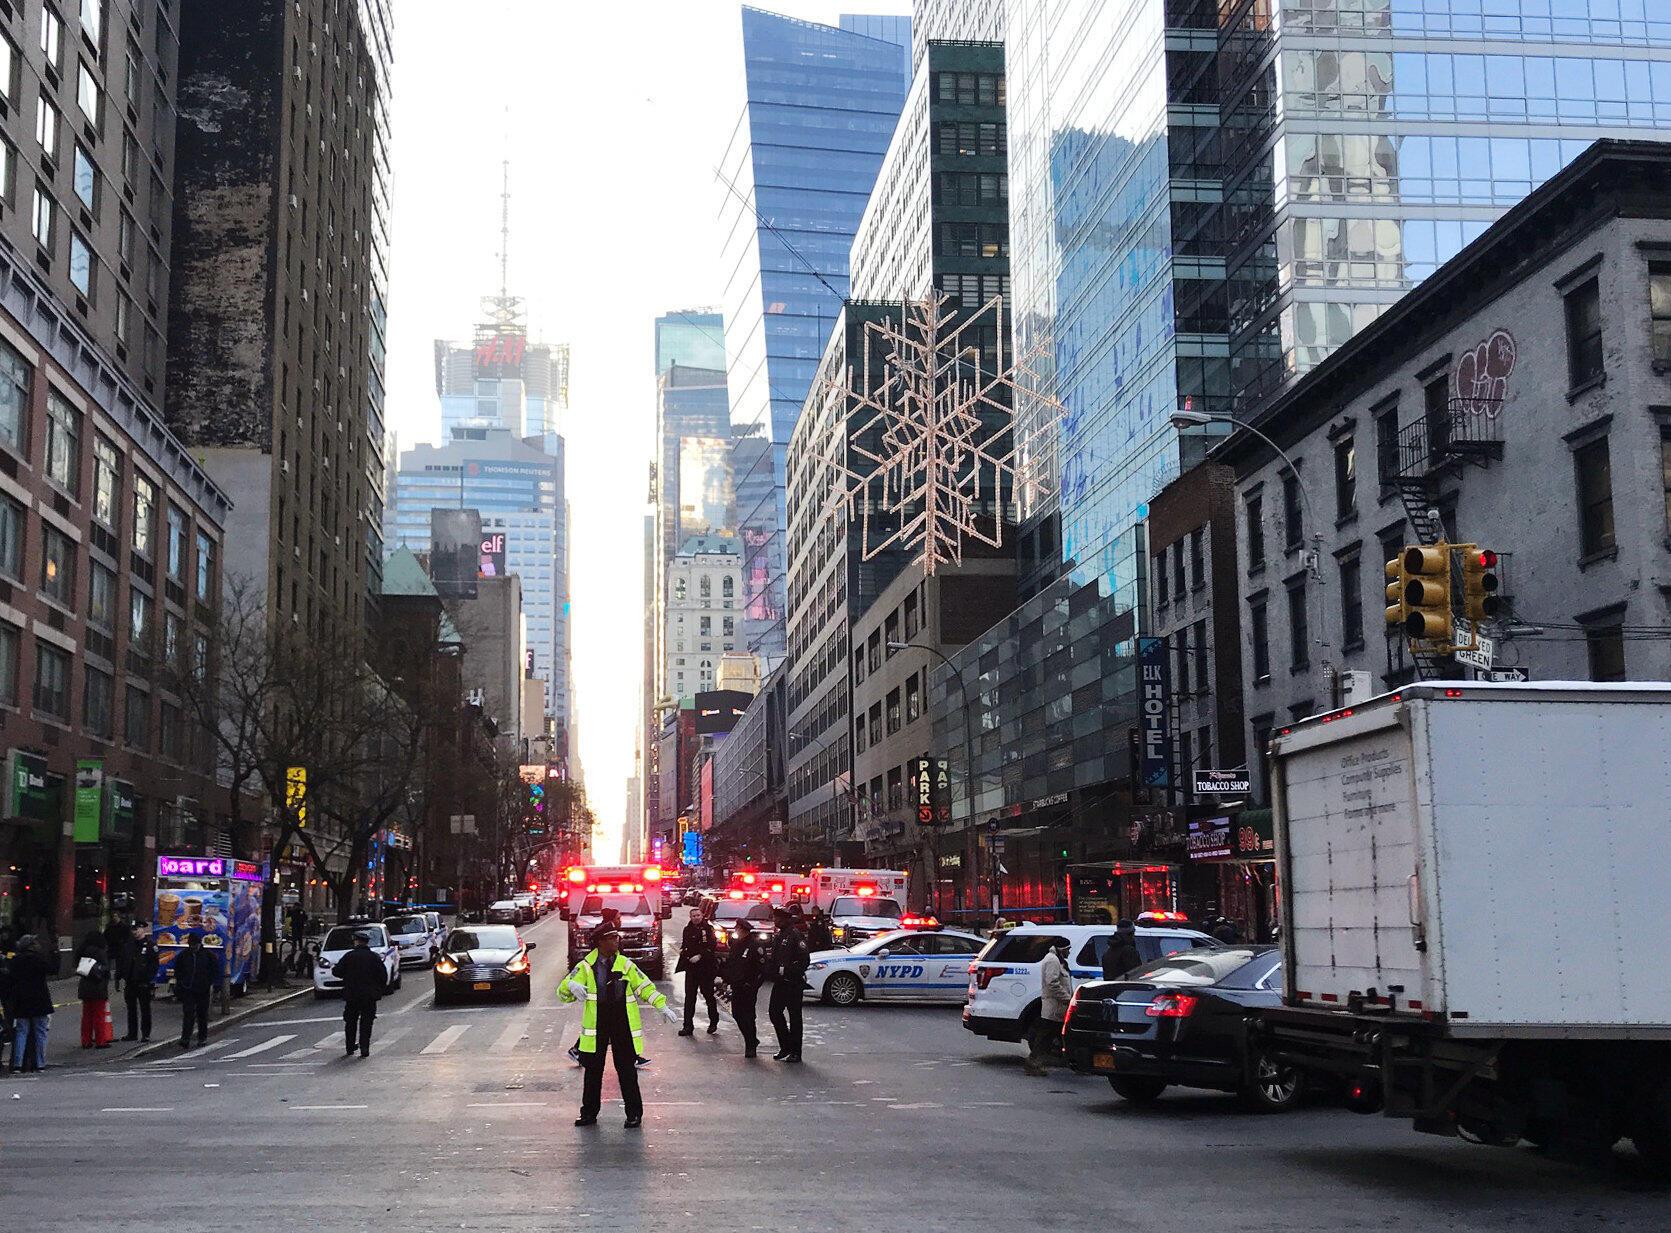 Cảnh sát phong tỏa khu vực quanh nhà ga Port Authority, New York, sau vụ nổ ngày 11/12/2017.